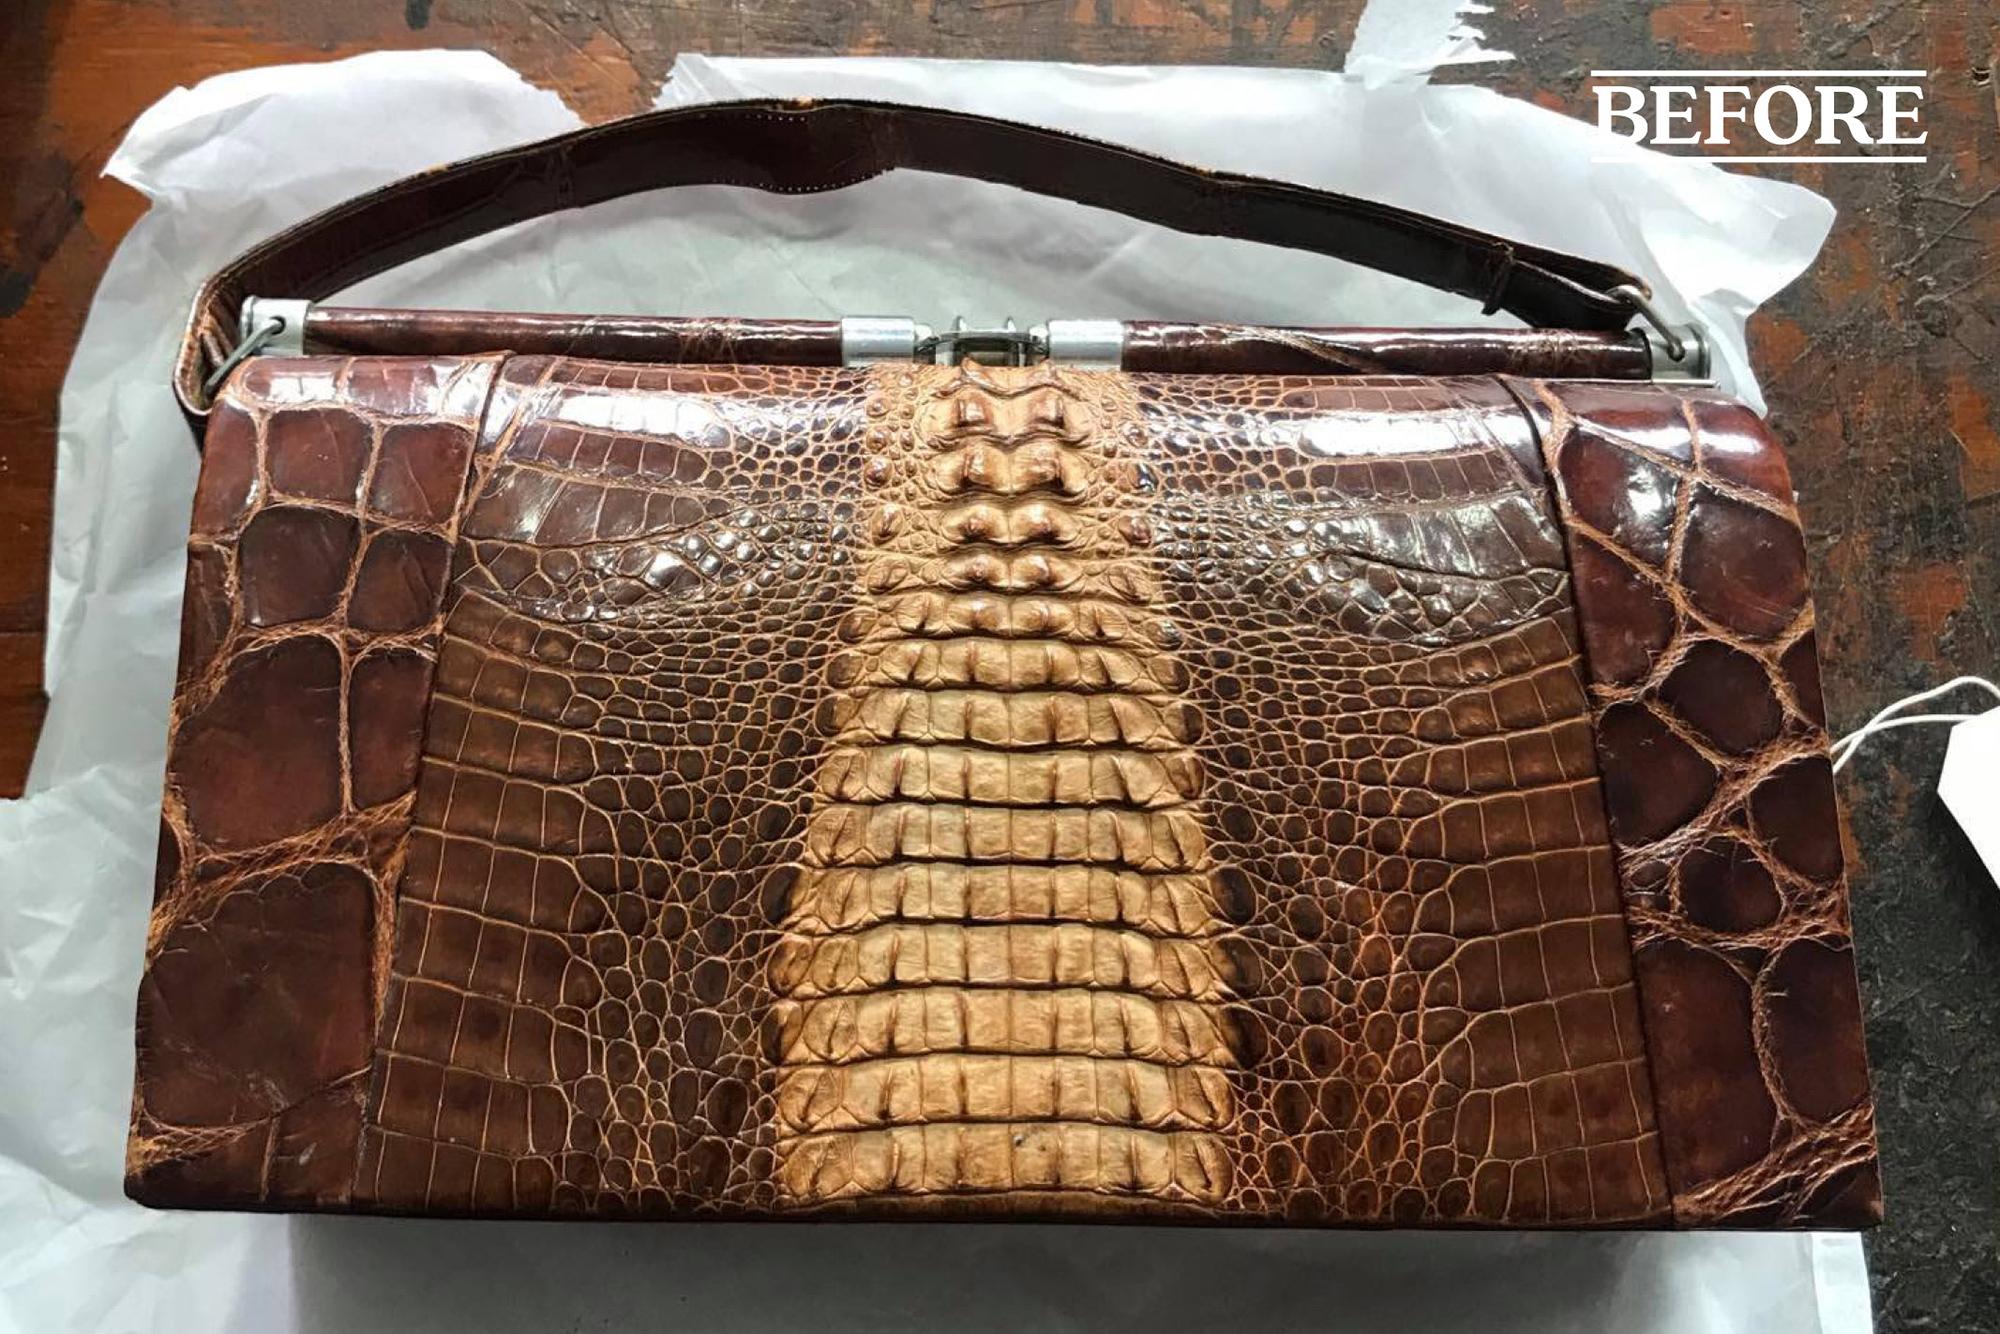 Vintage handbag repair